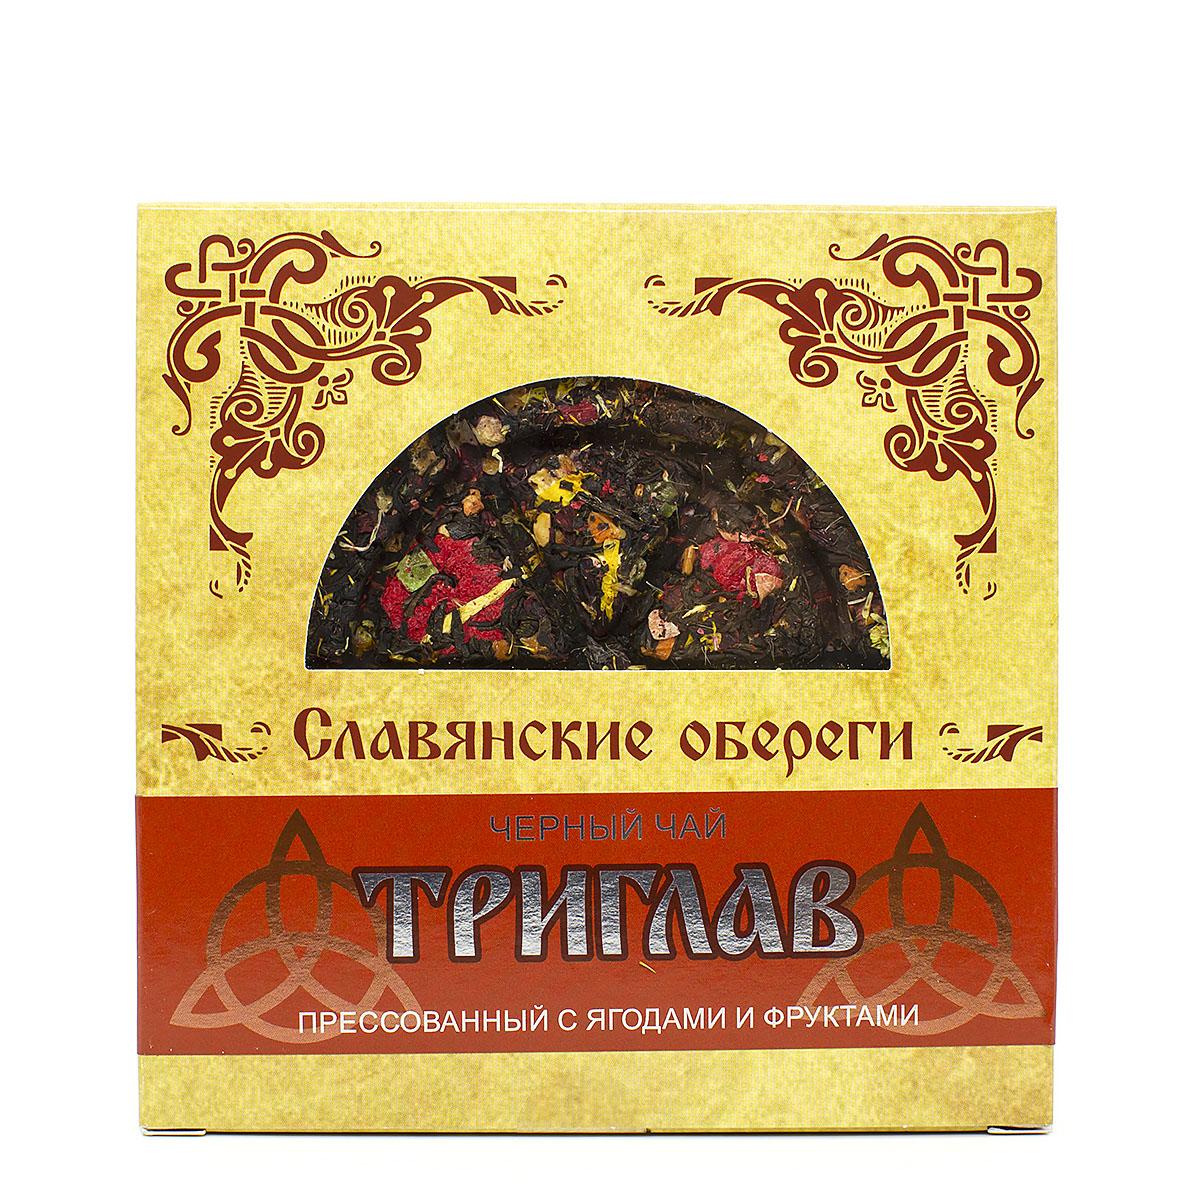 Чай чёрный Триглав, прессованный, блин, 125 г бессмертника песчаного цветки 30 г красногорск